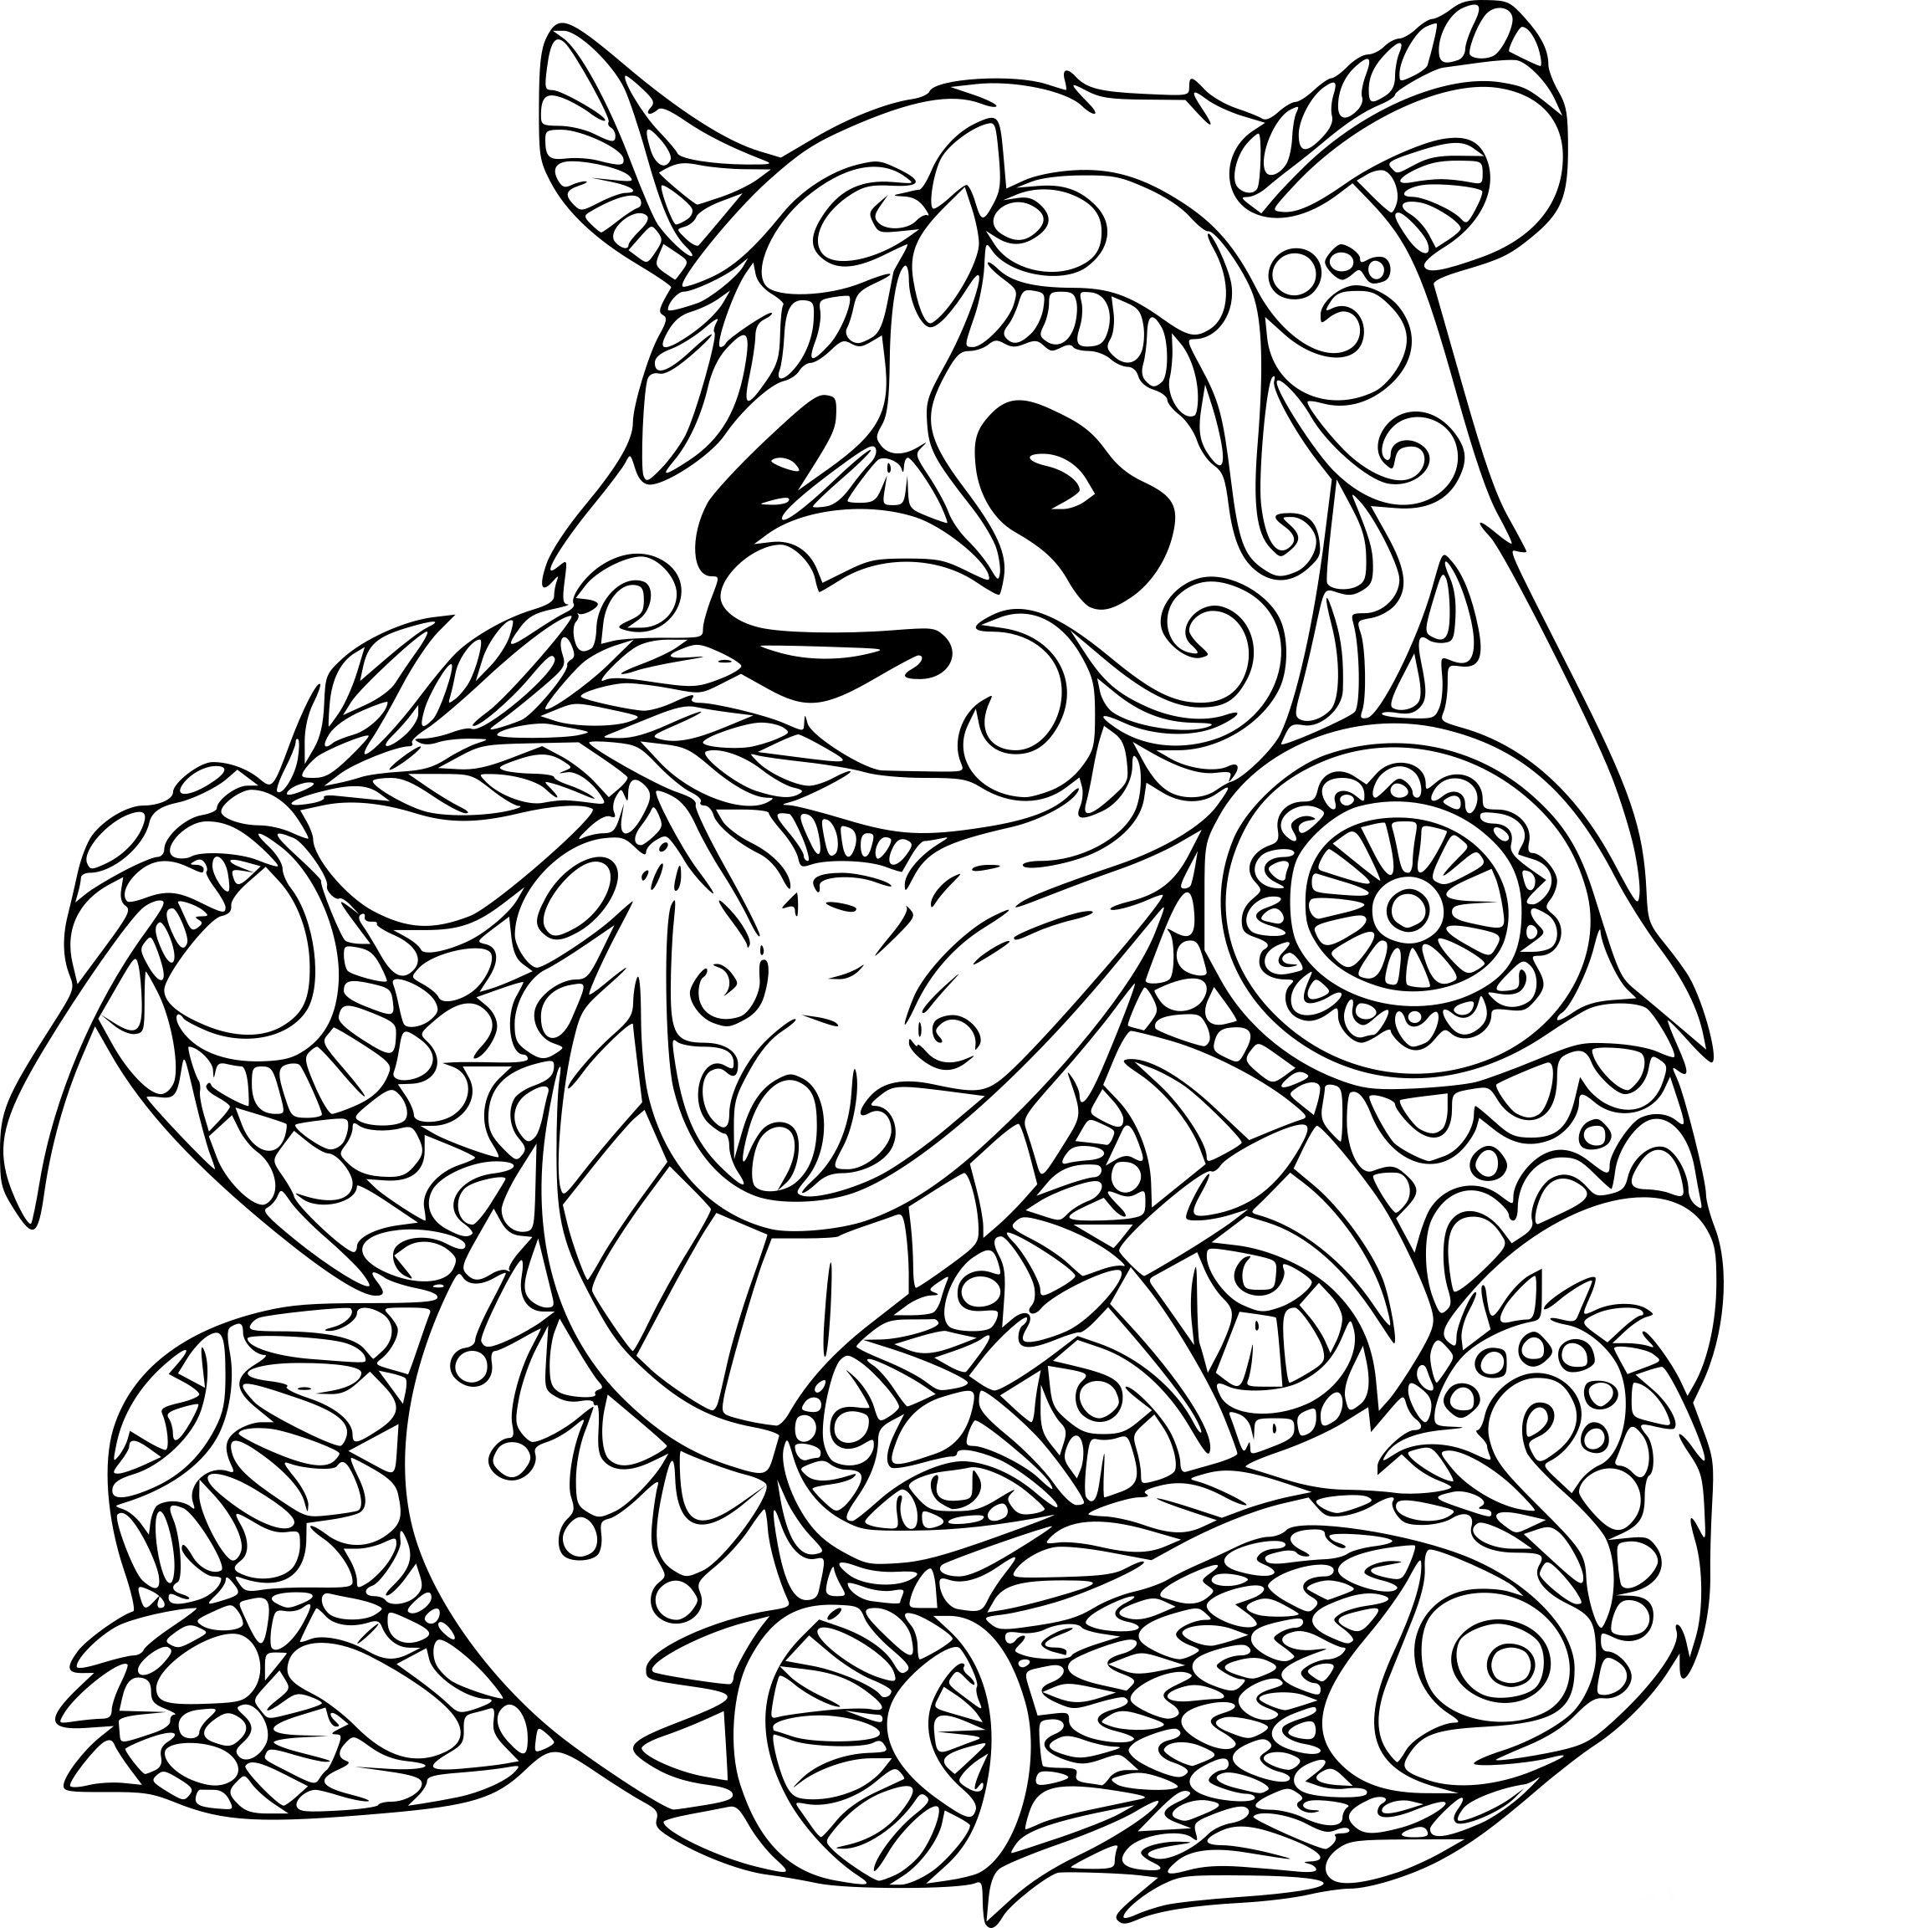 Coloriage Animaux Imprimer Gratuit.Coloriage Panda Anti Stress A Imprimer Sur Coloriages Avec